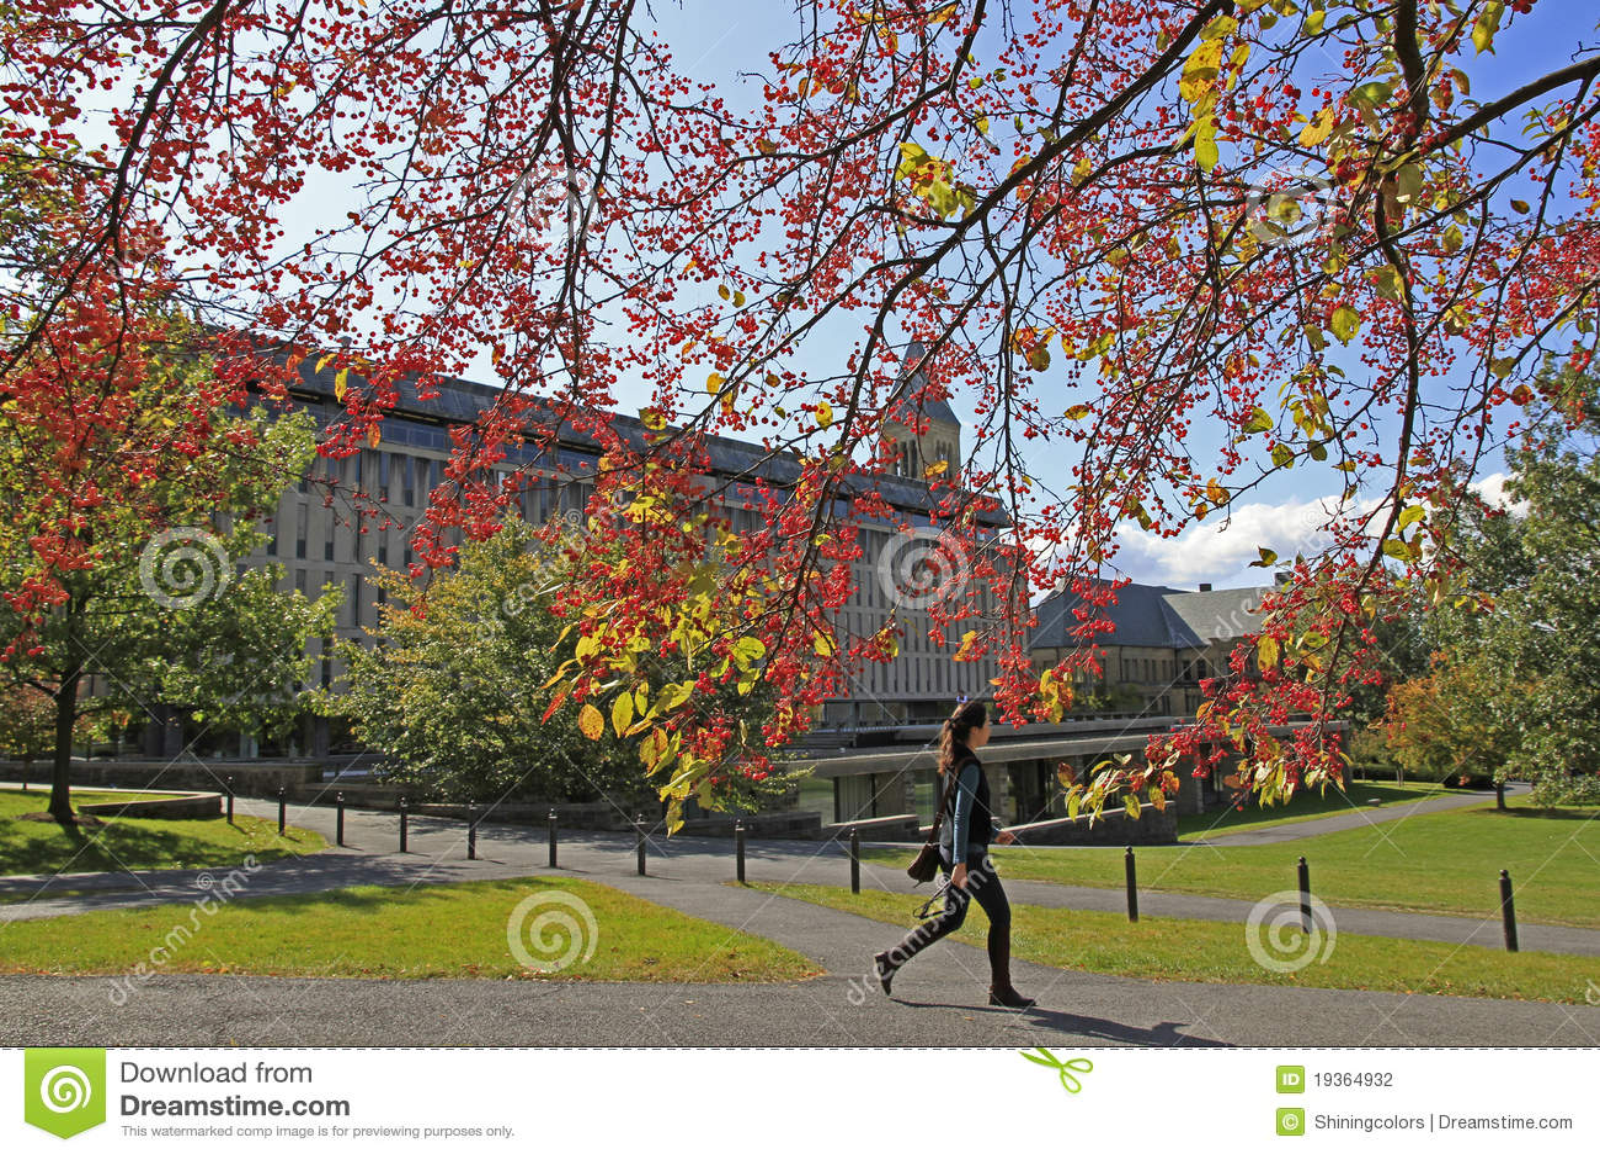 Terreno da Universidade de Cornell em Ithaca